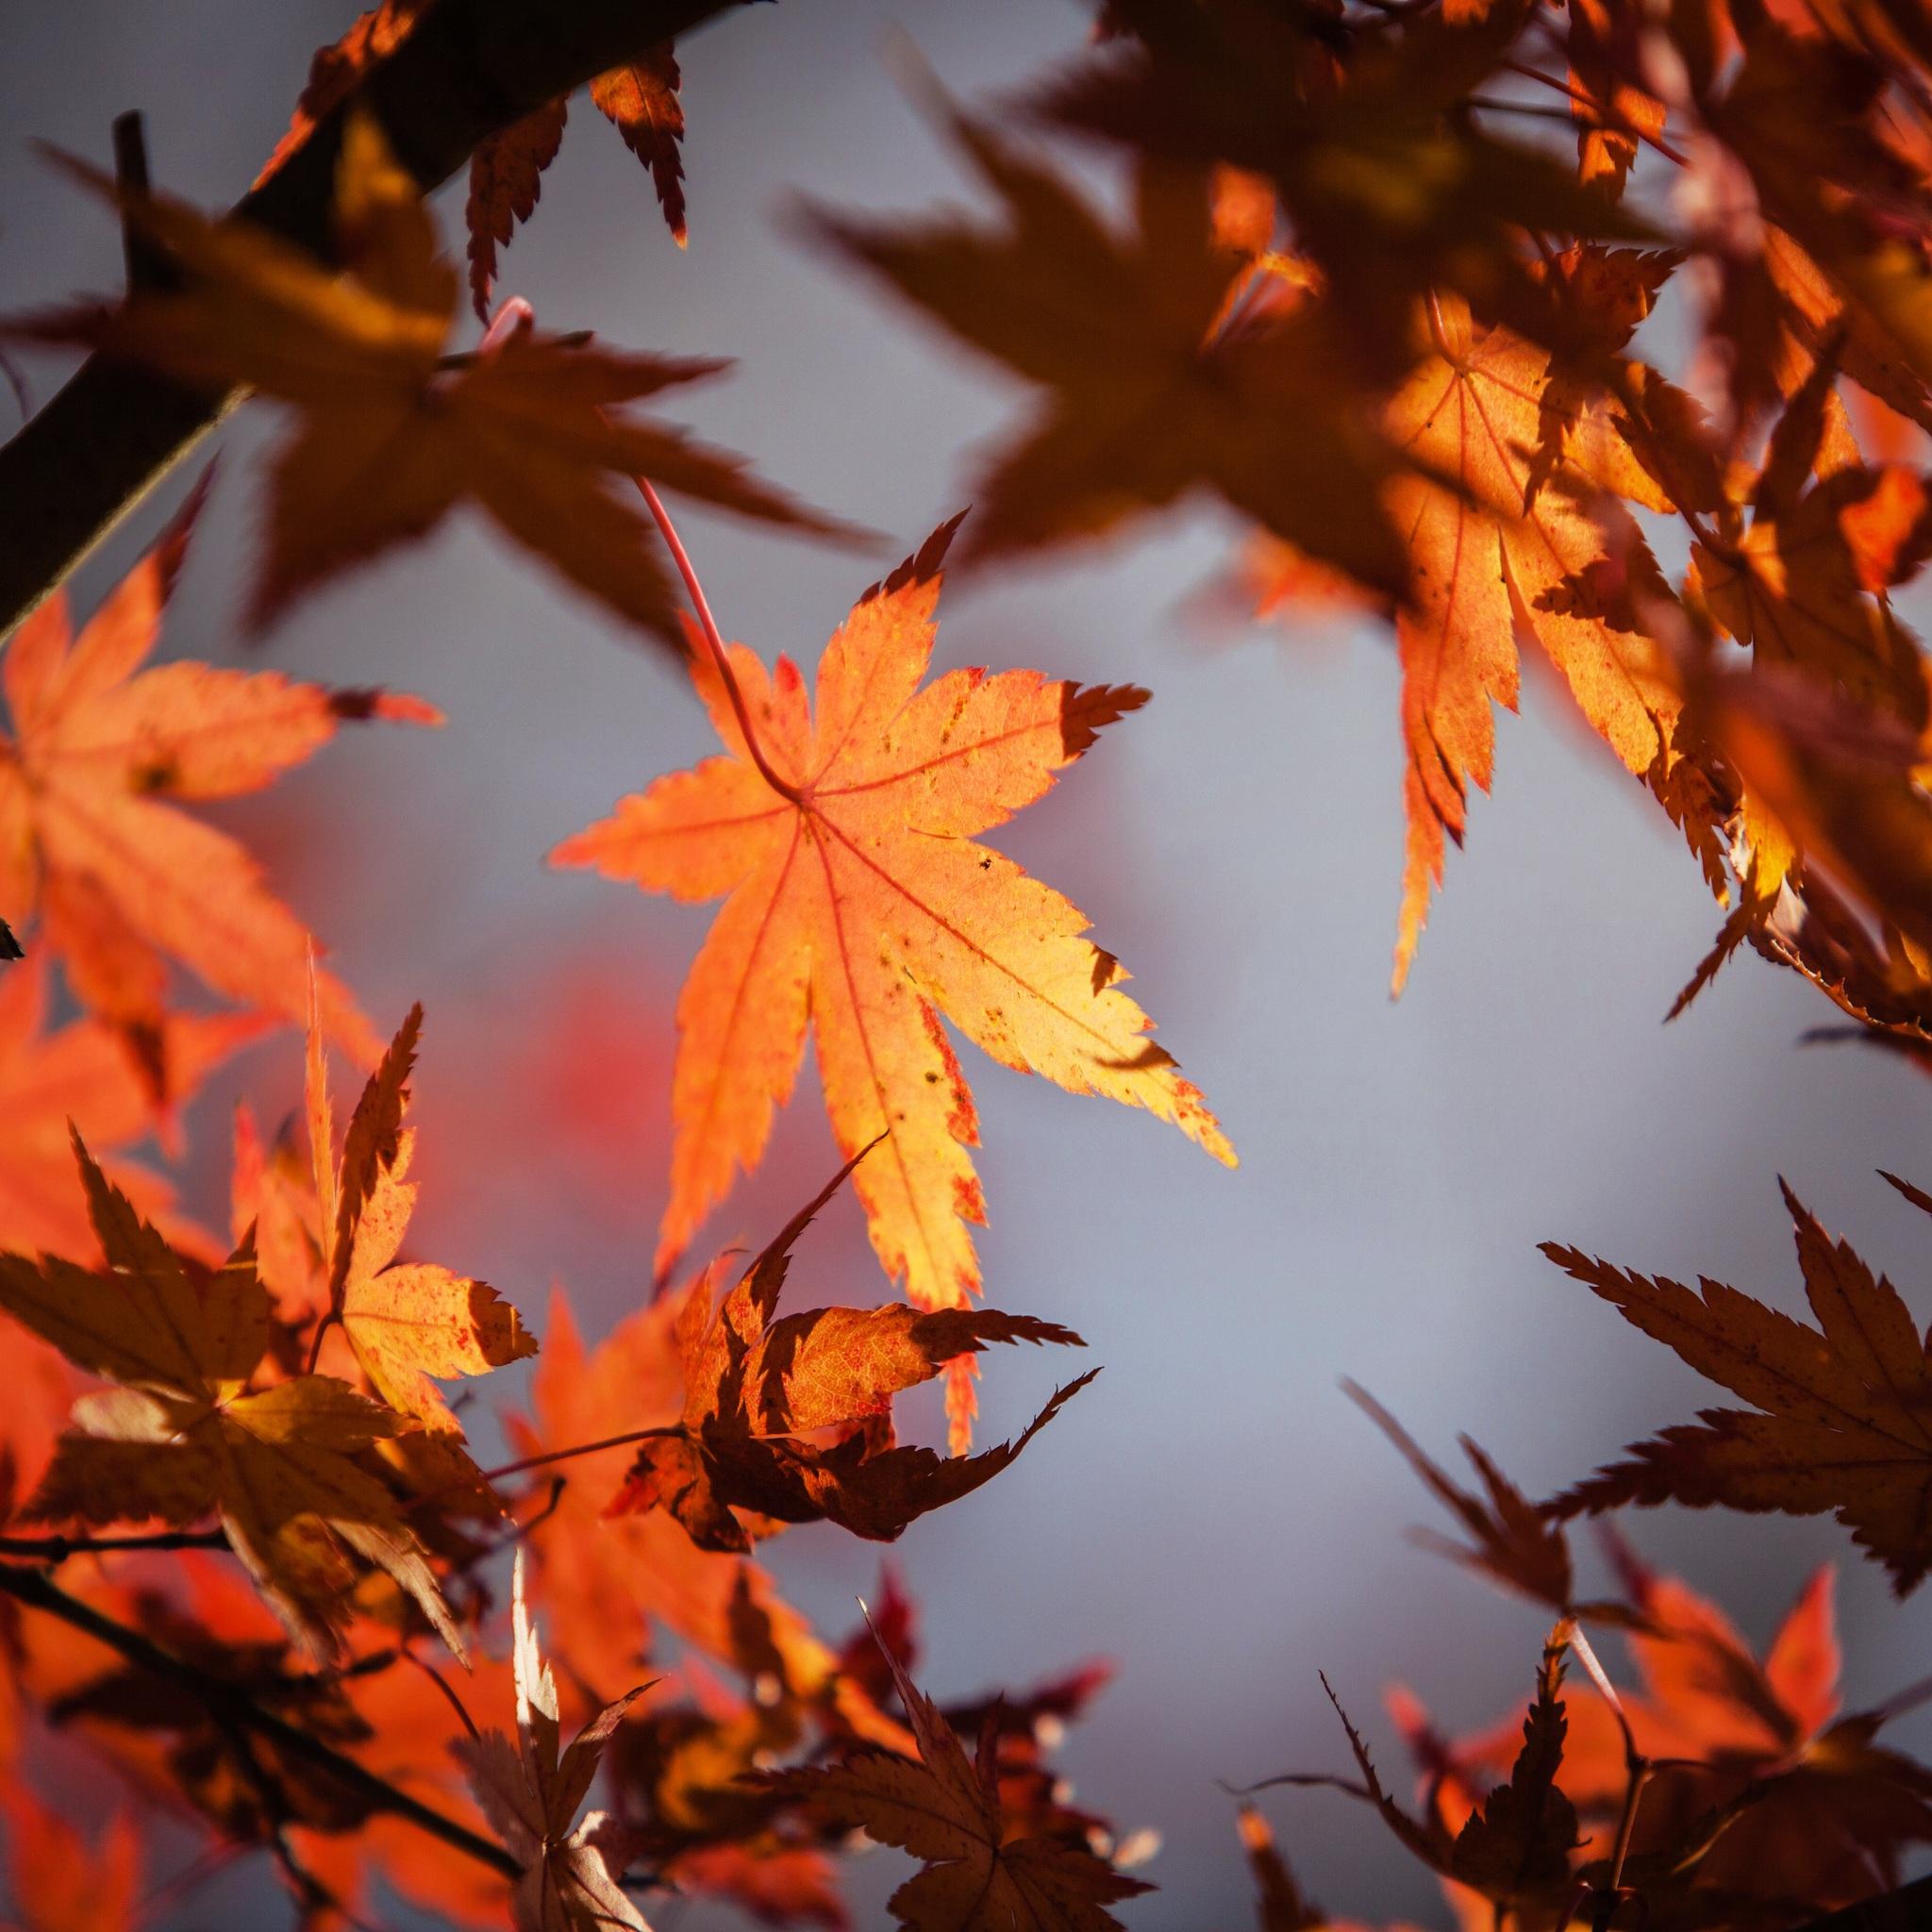 autumn-leaves-4k-5k-w8.jpg